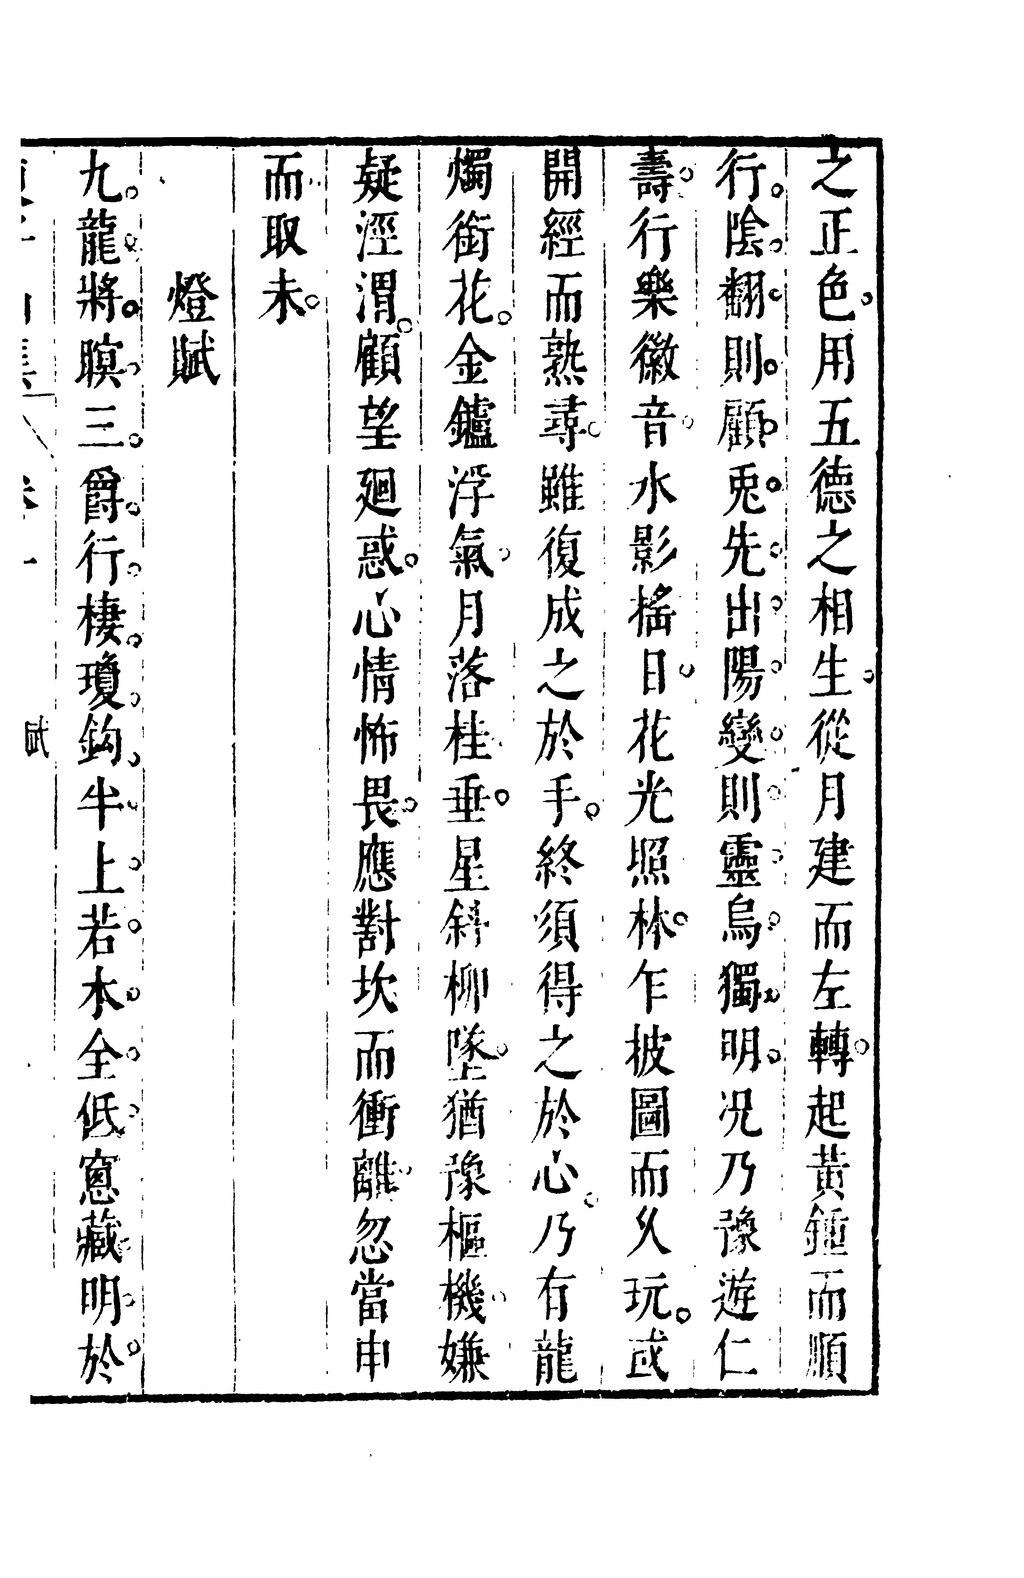 Page Sibu Congkan 3 1vu 104